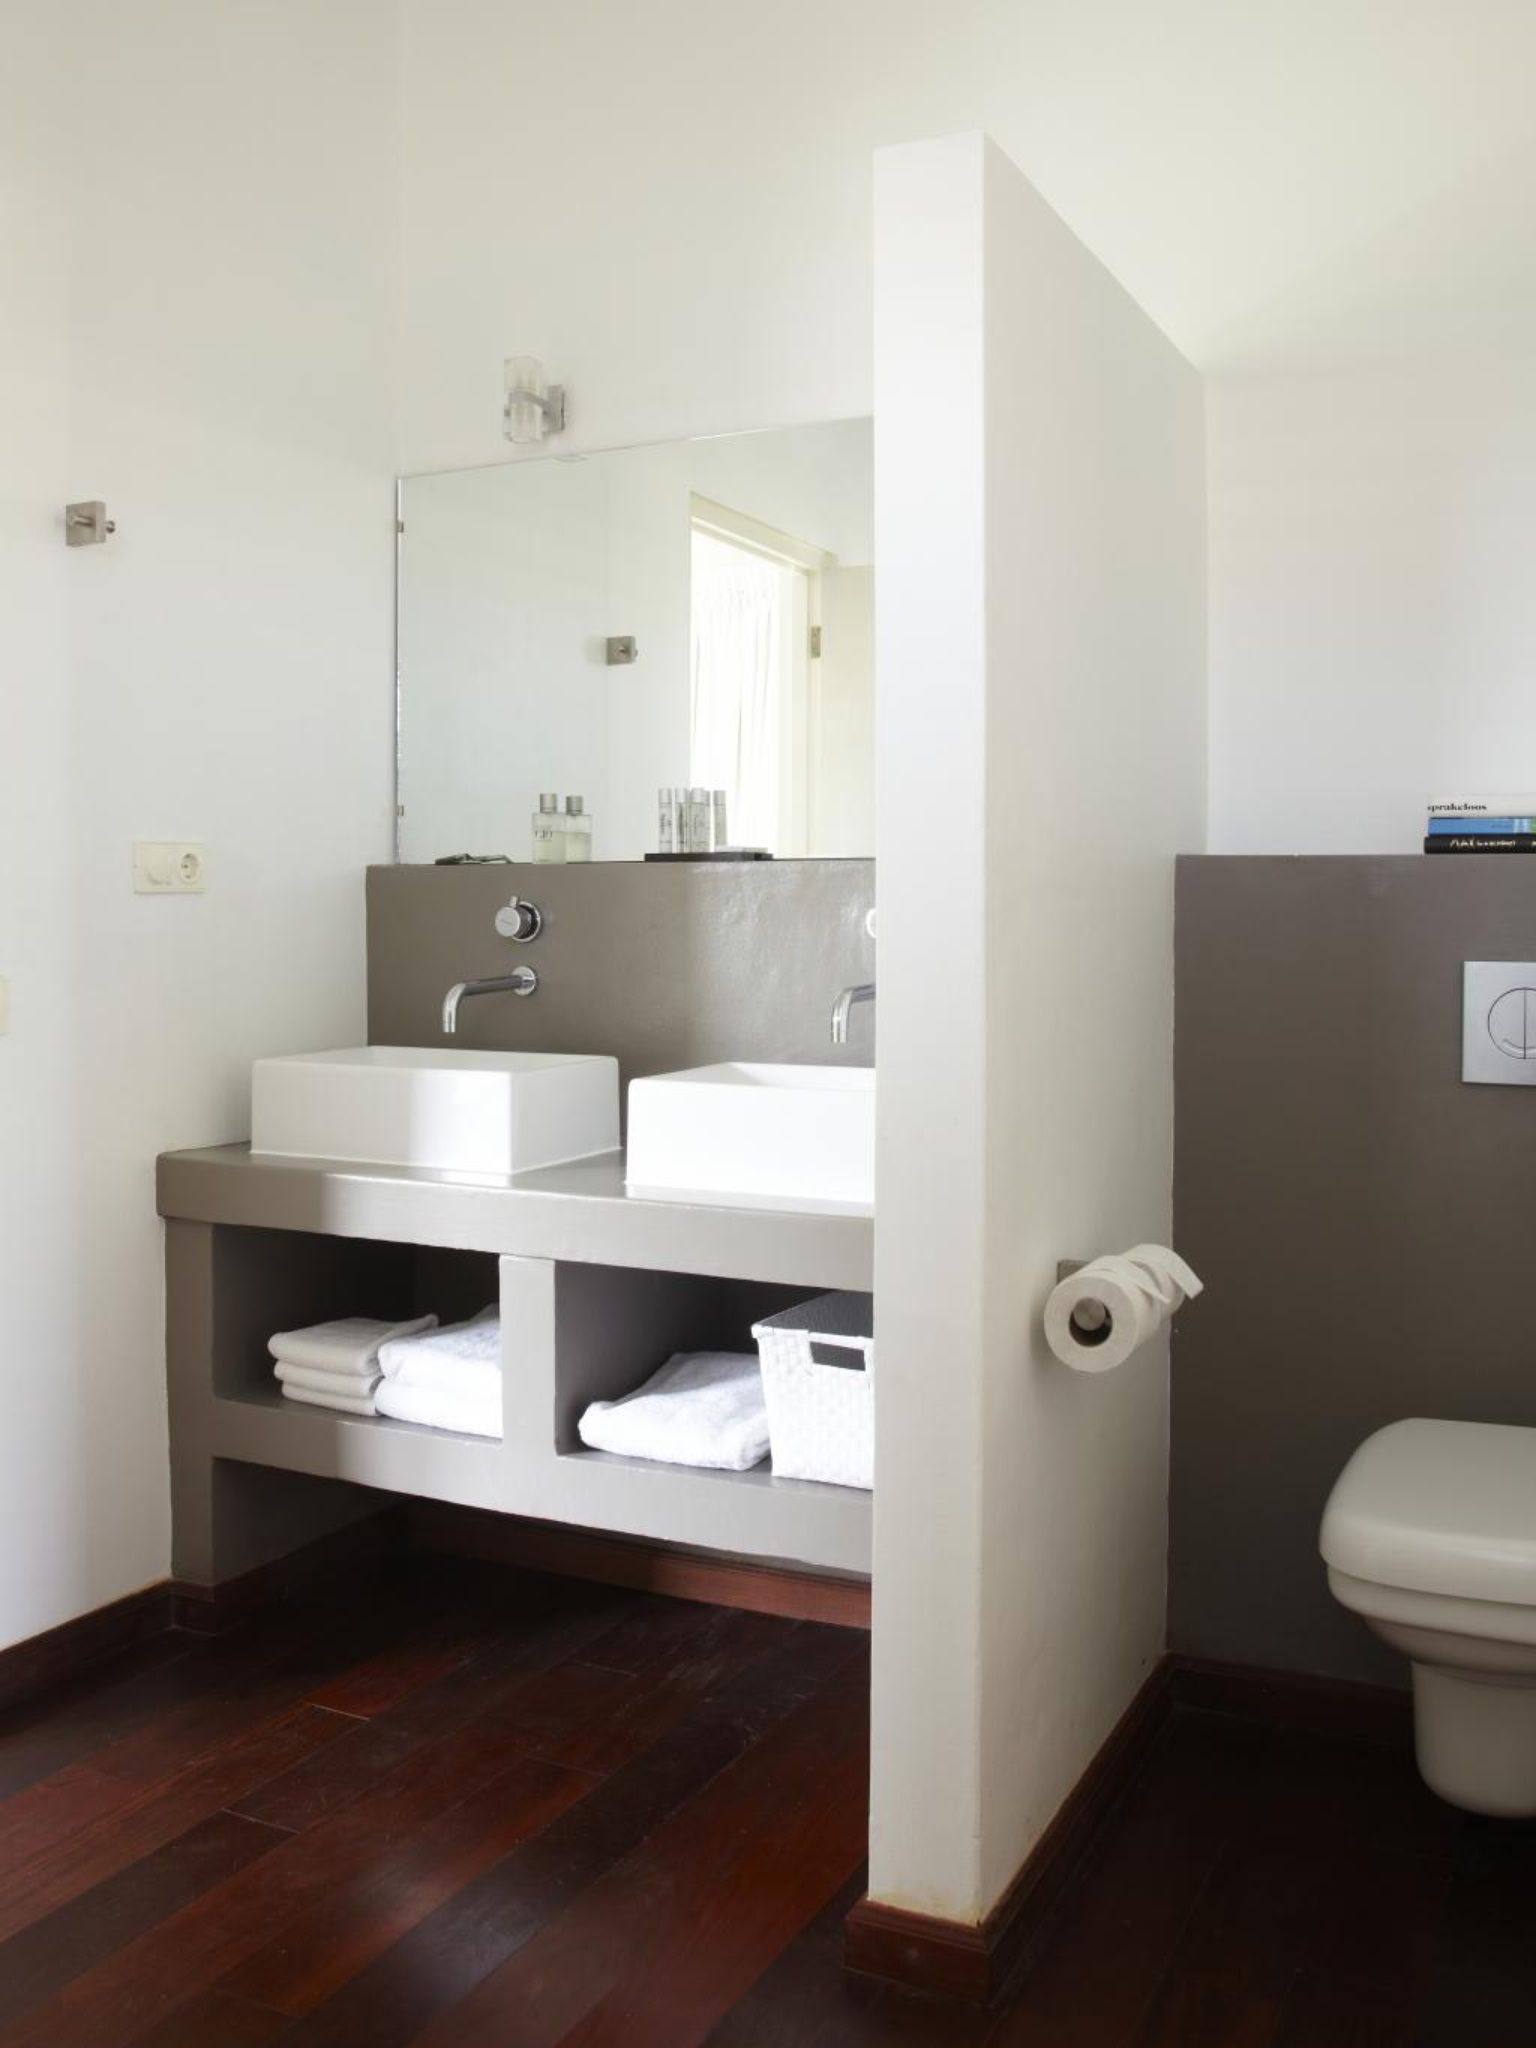 sympa la sà paration avec les toilettes a rà flà chir pour l à tage